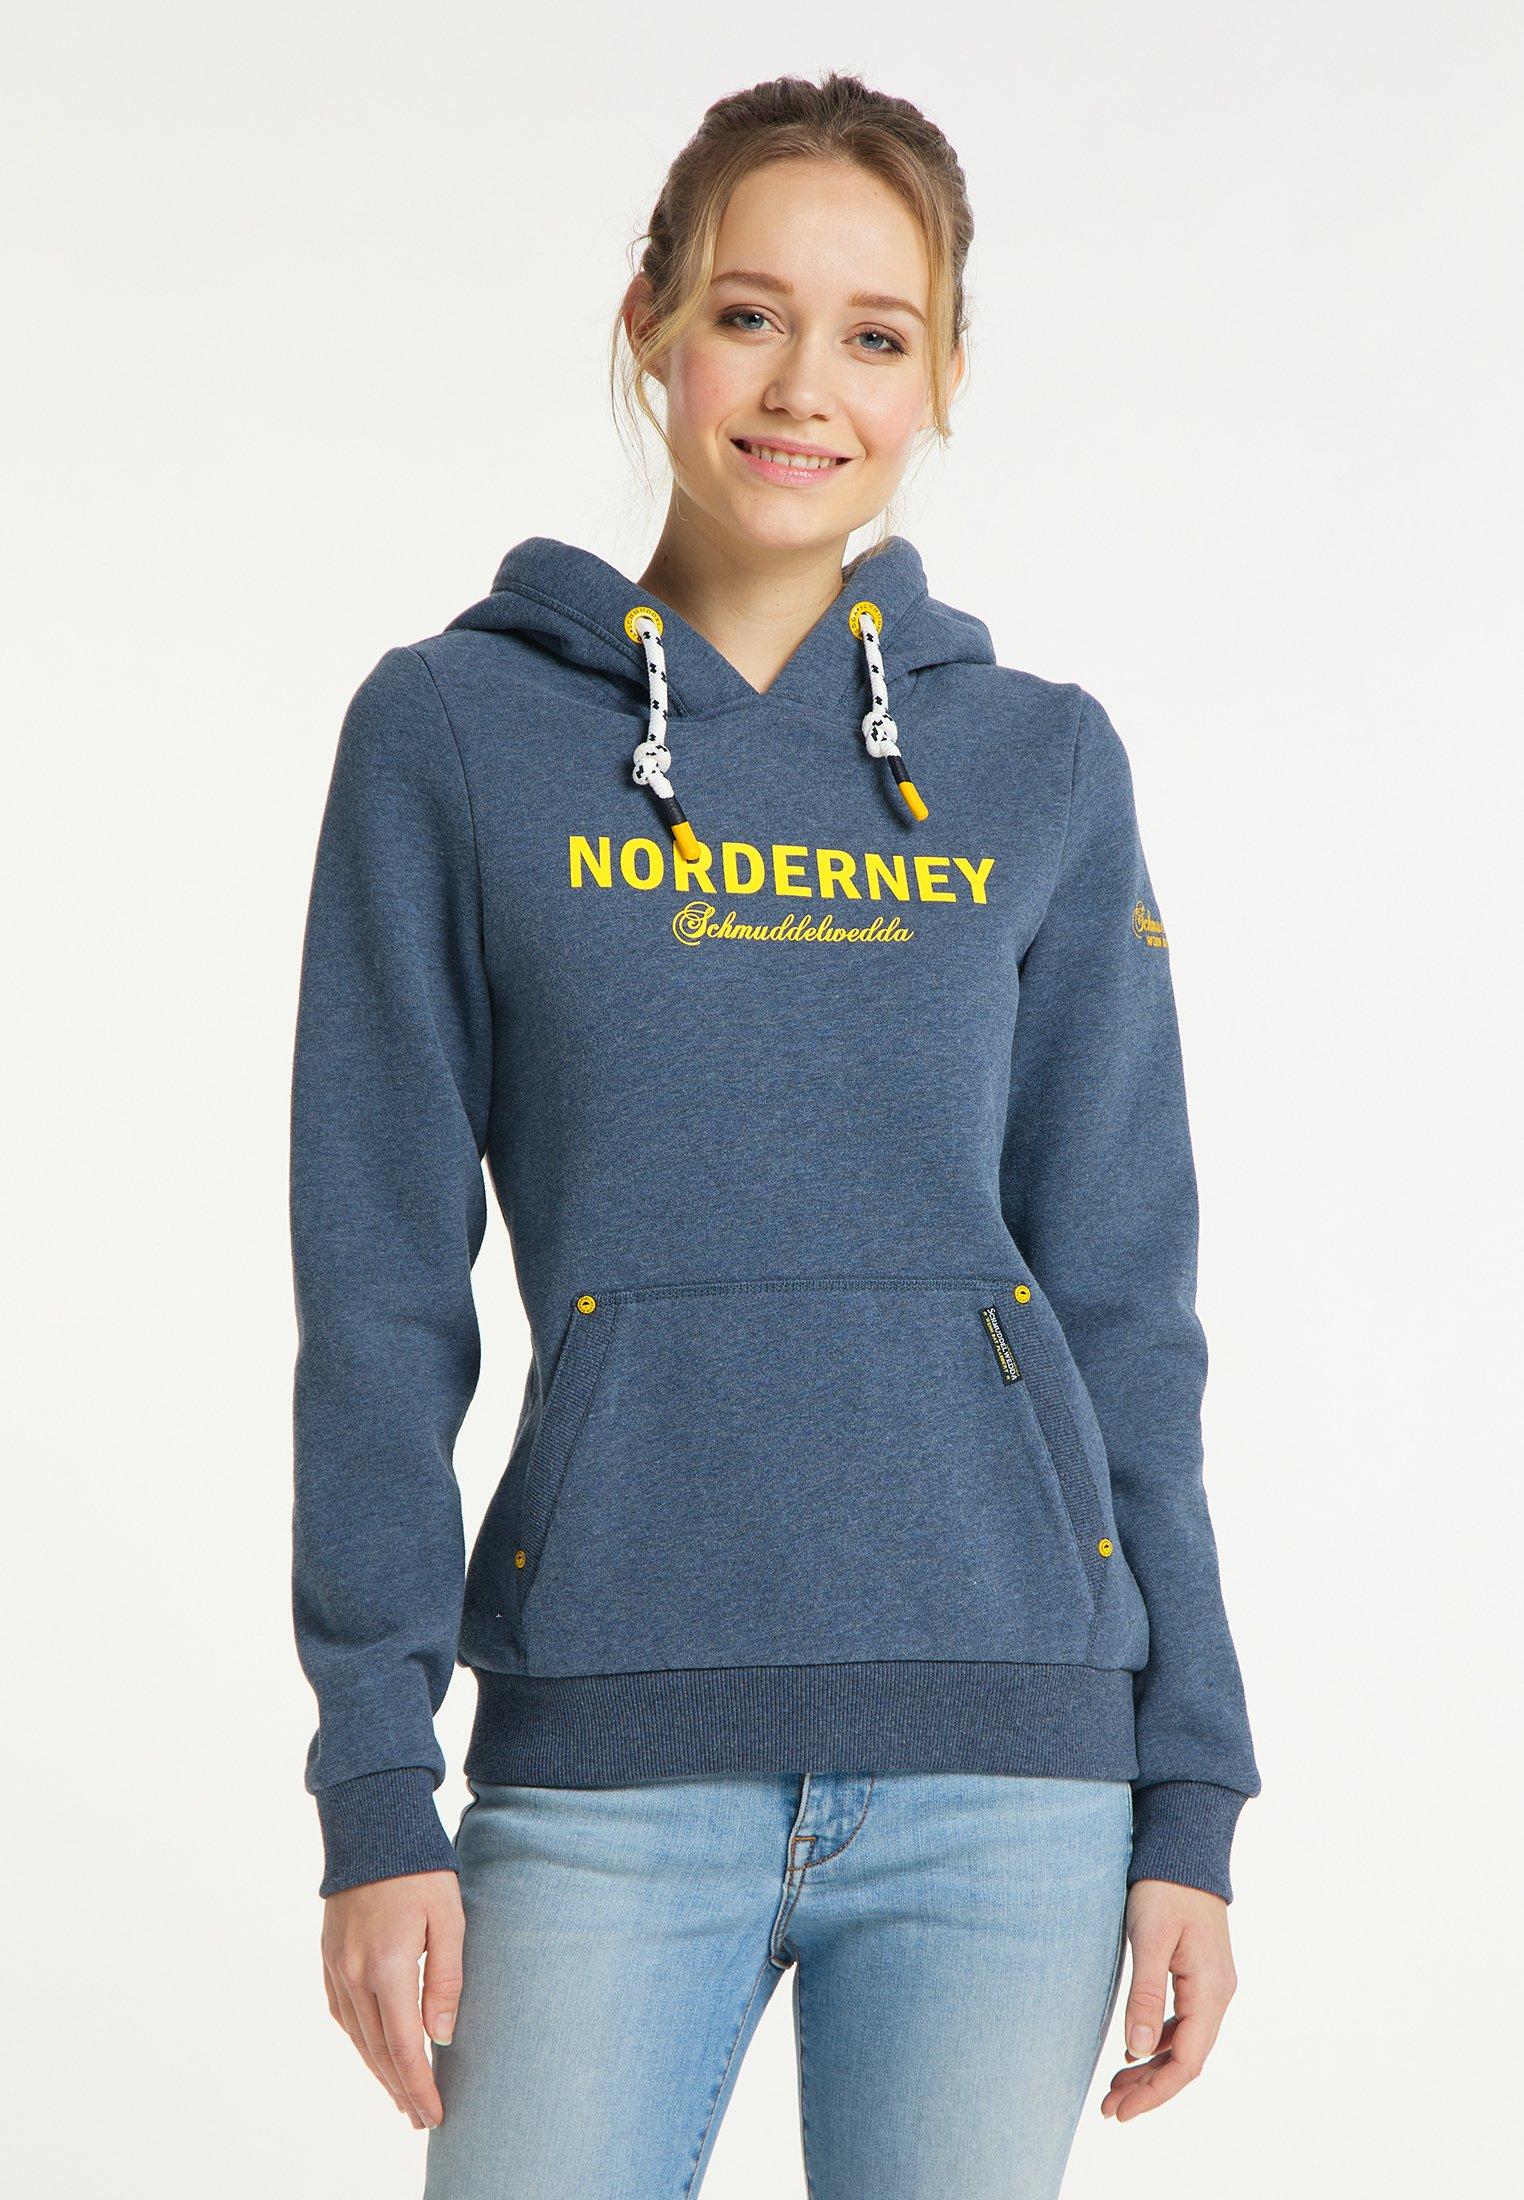 Donna NORDERNEY - Felpa con cappuccio